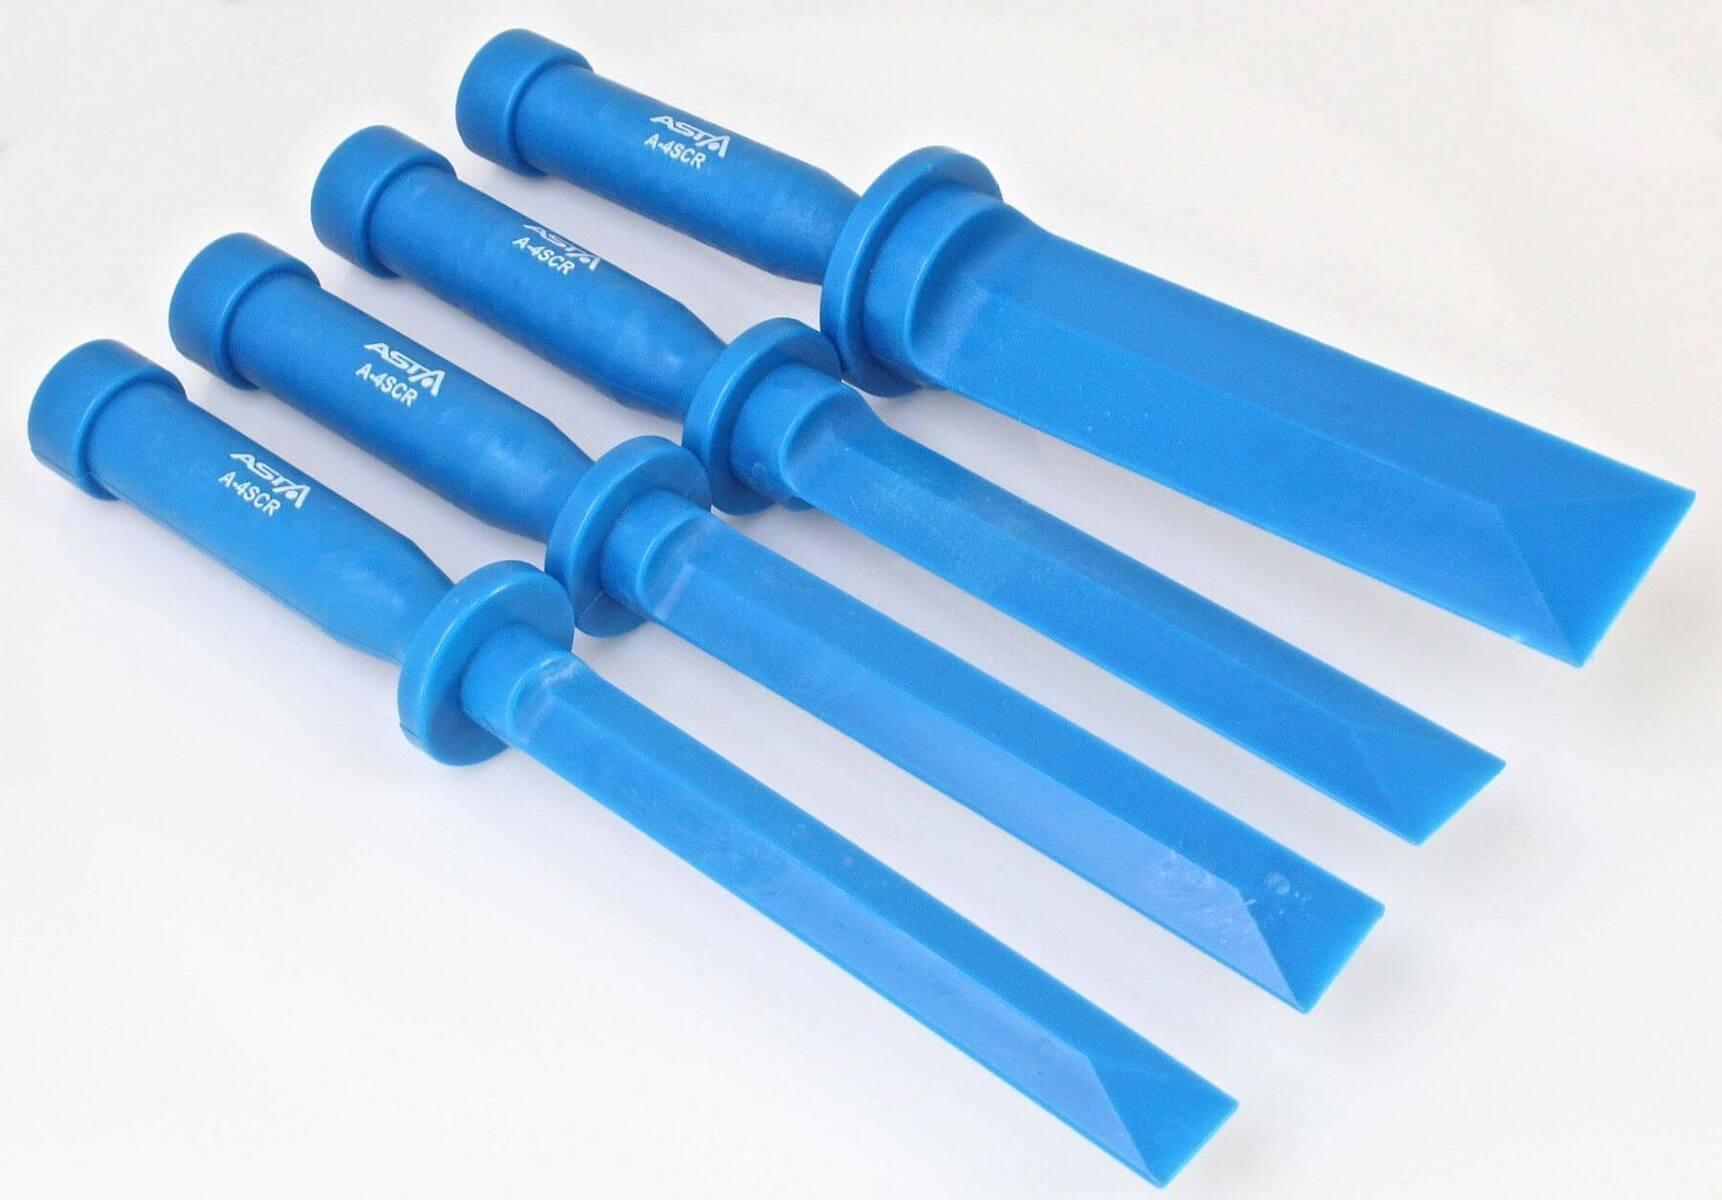 Plastové škrabky, šábry, šířka 19 - 32 mm,  sada 4 ks - ASTA